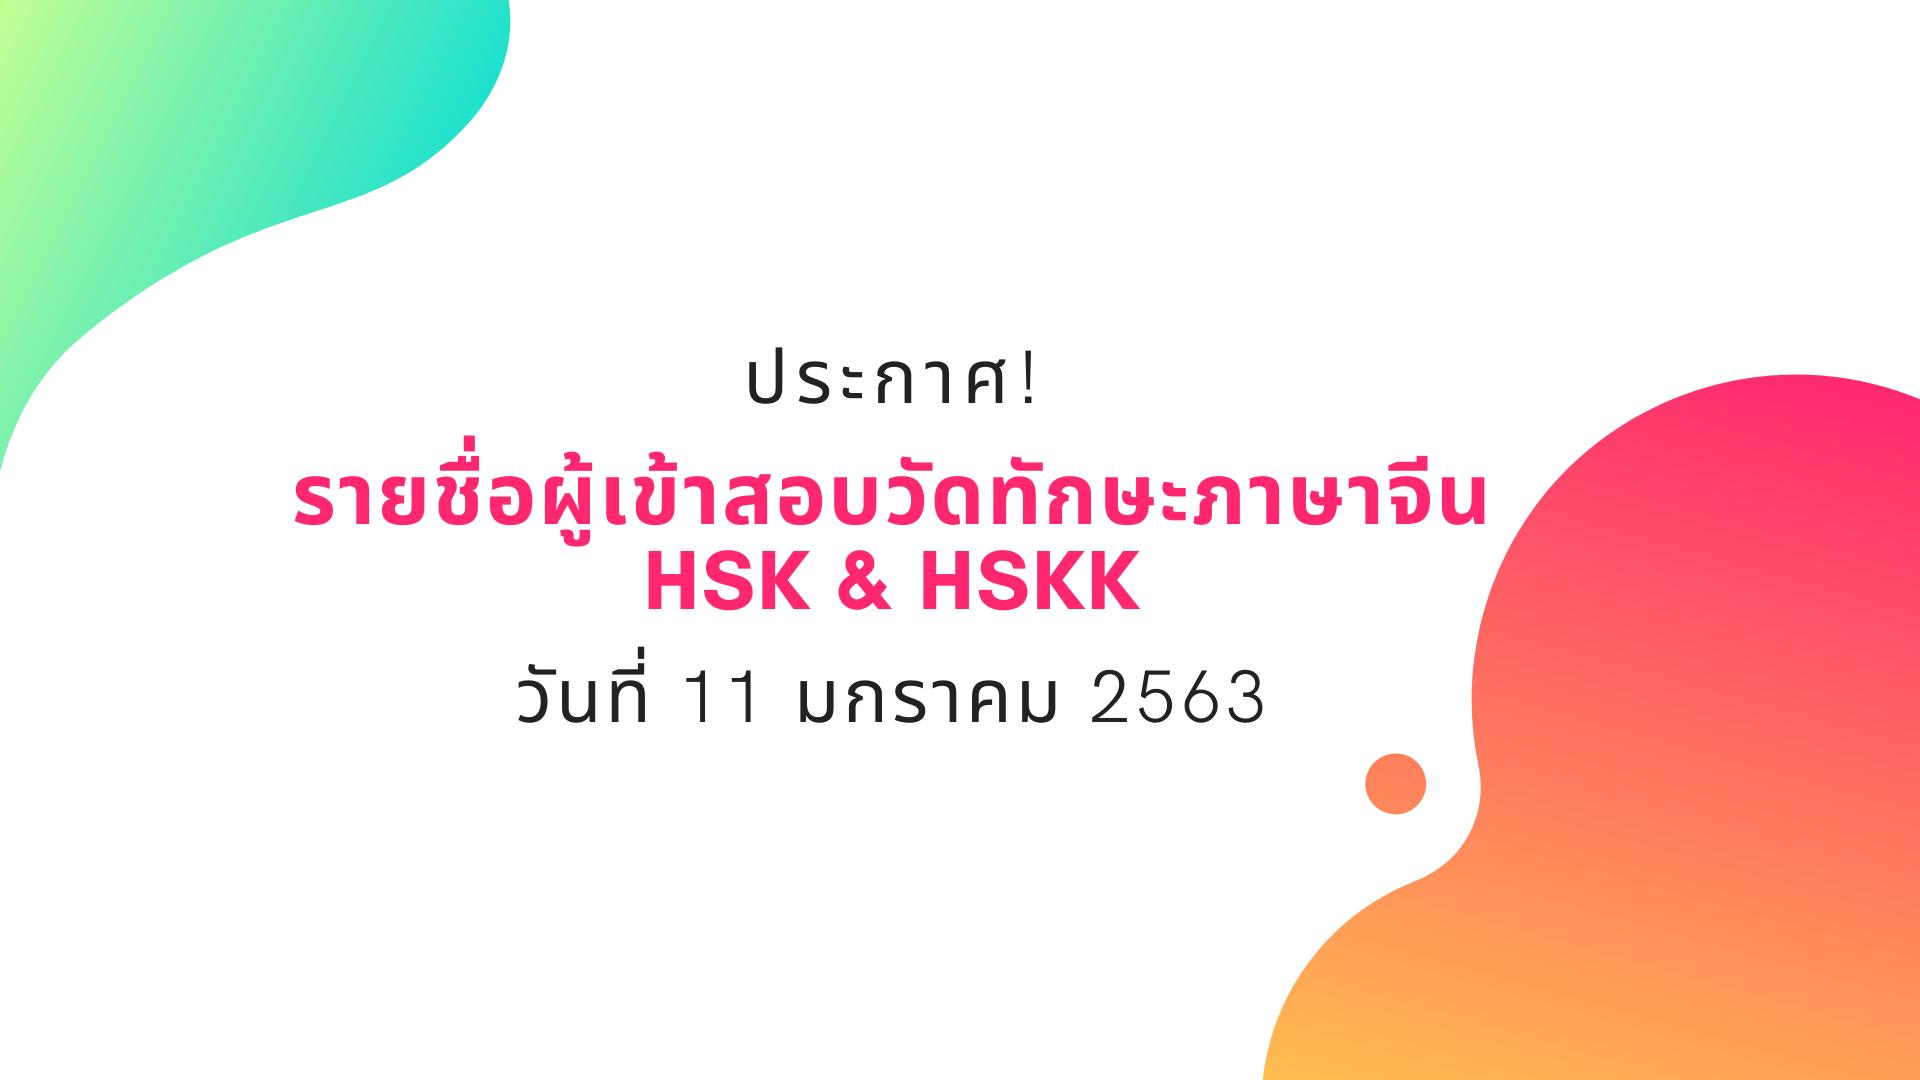 ประกาศรายชื่อผู้เข้าสอบวัดทักษะภาษาจีน (HSK & HSKK) วันเสาร์ที่ 11 มกราคม 2563